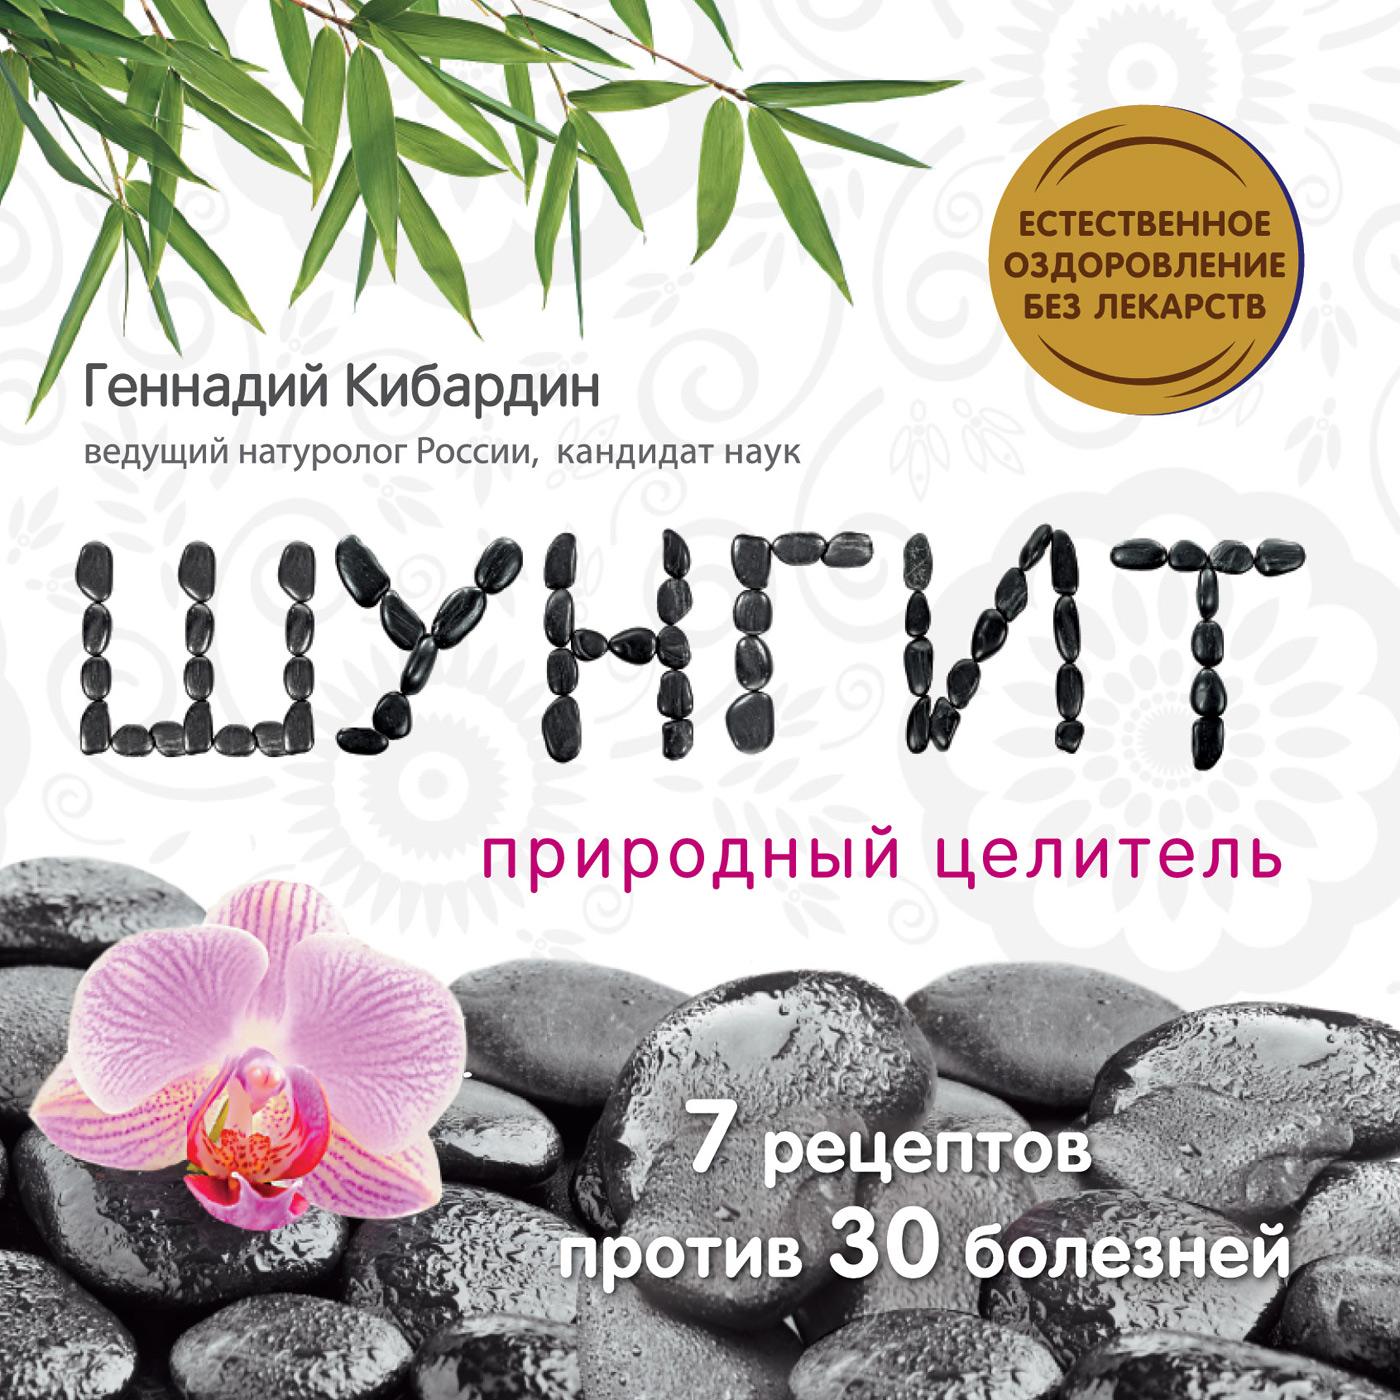 Геннадий Кибардин Шунгит: Природный целитель